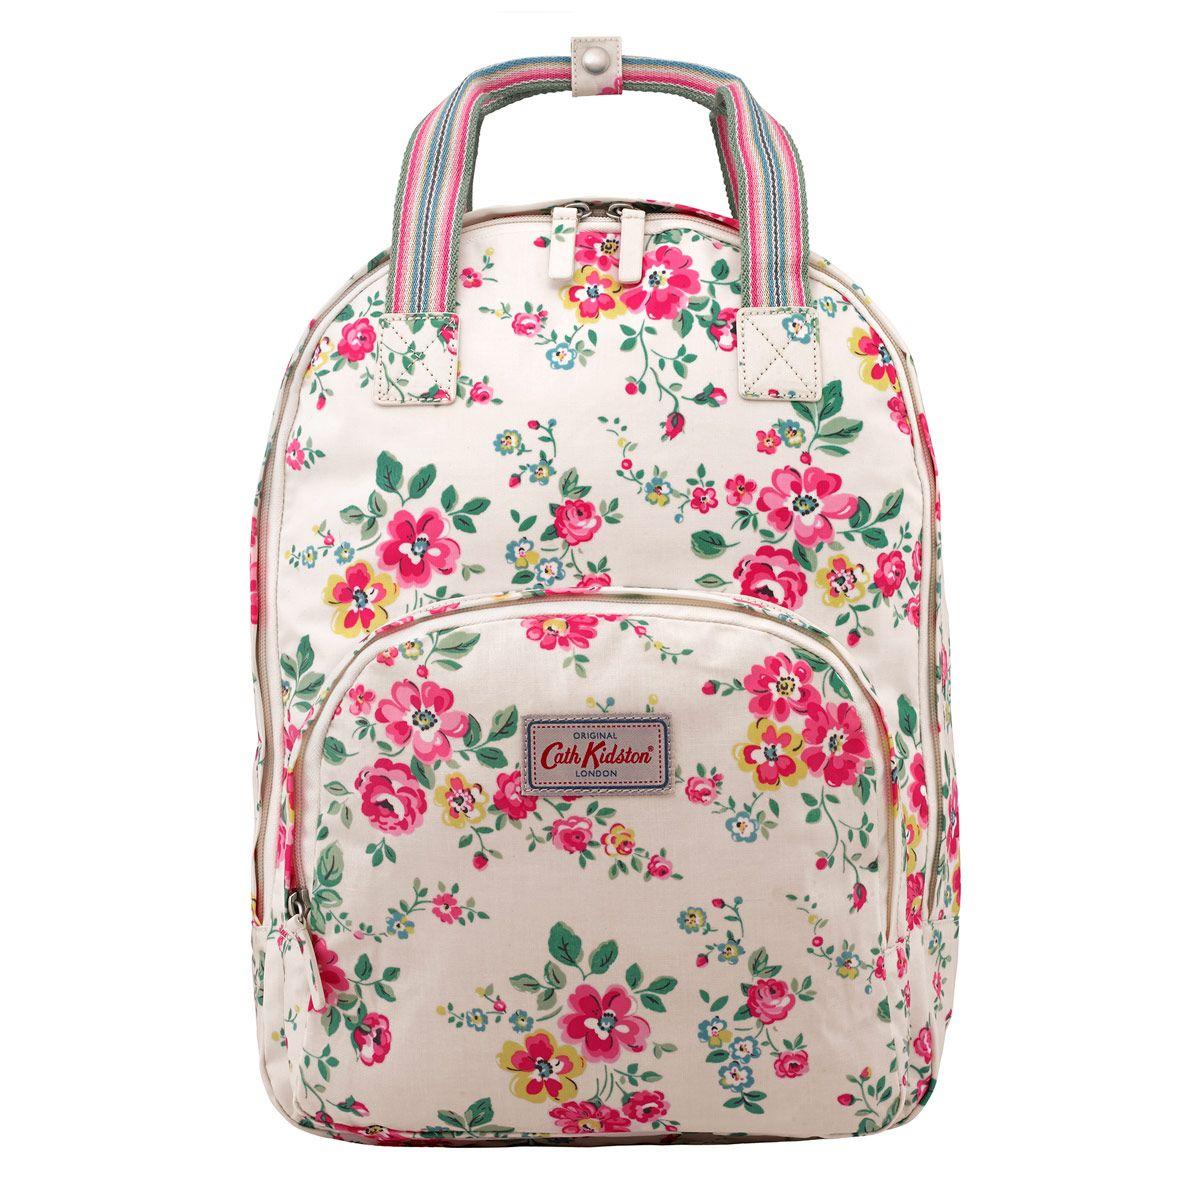 thorp flowers multi pocket backpack backpacks. Black Bedroom Furniture Sets. Home Design Ideas